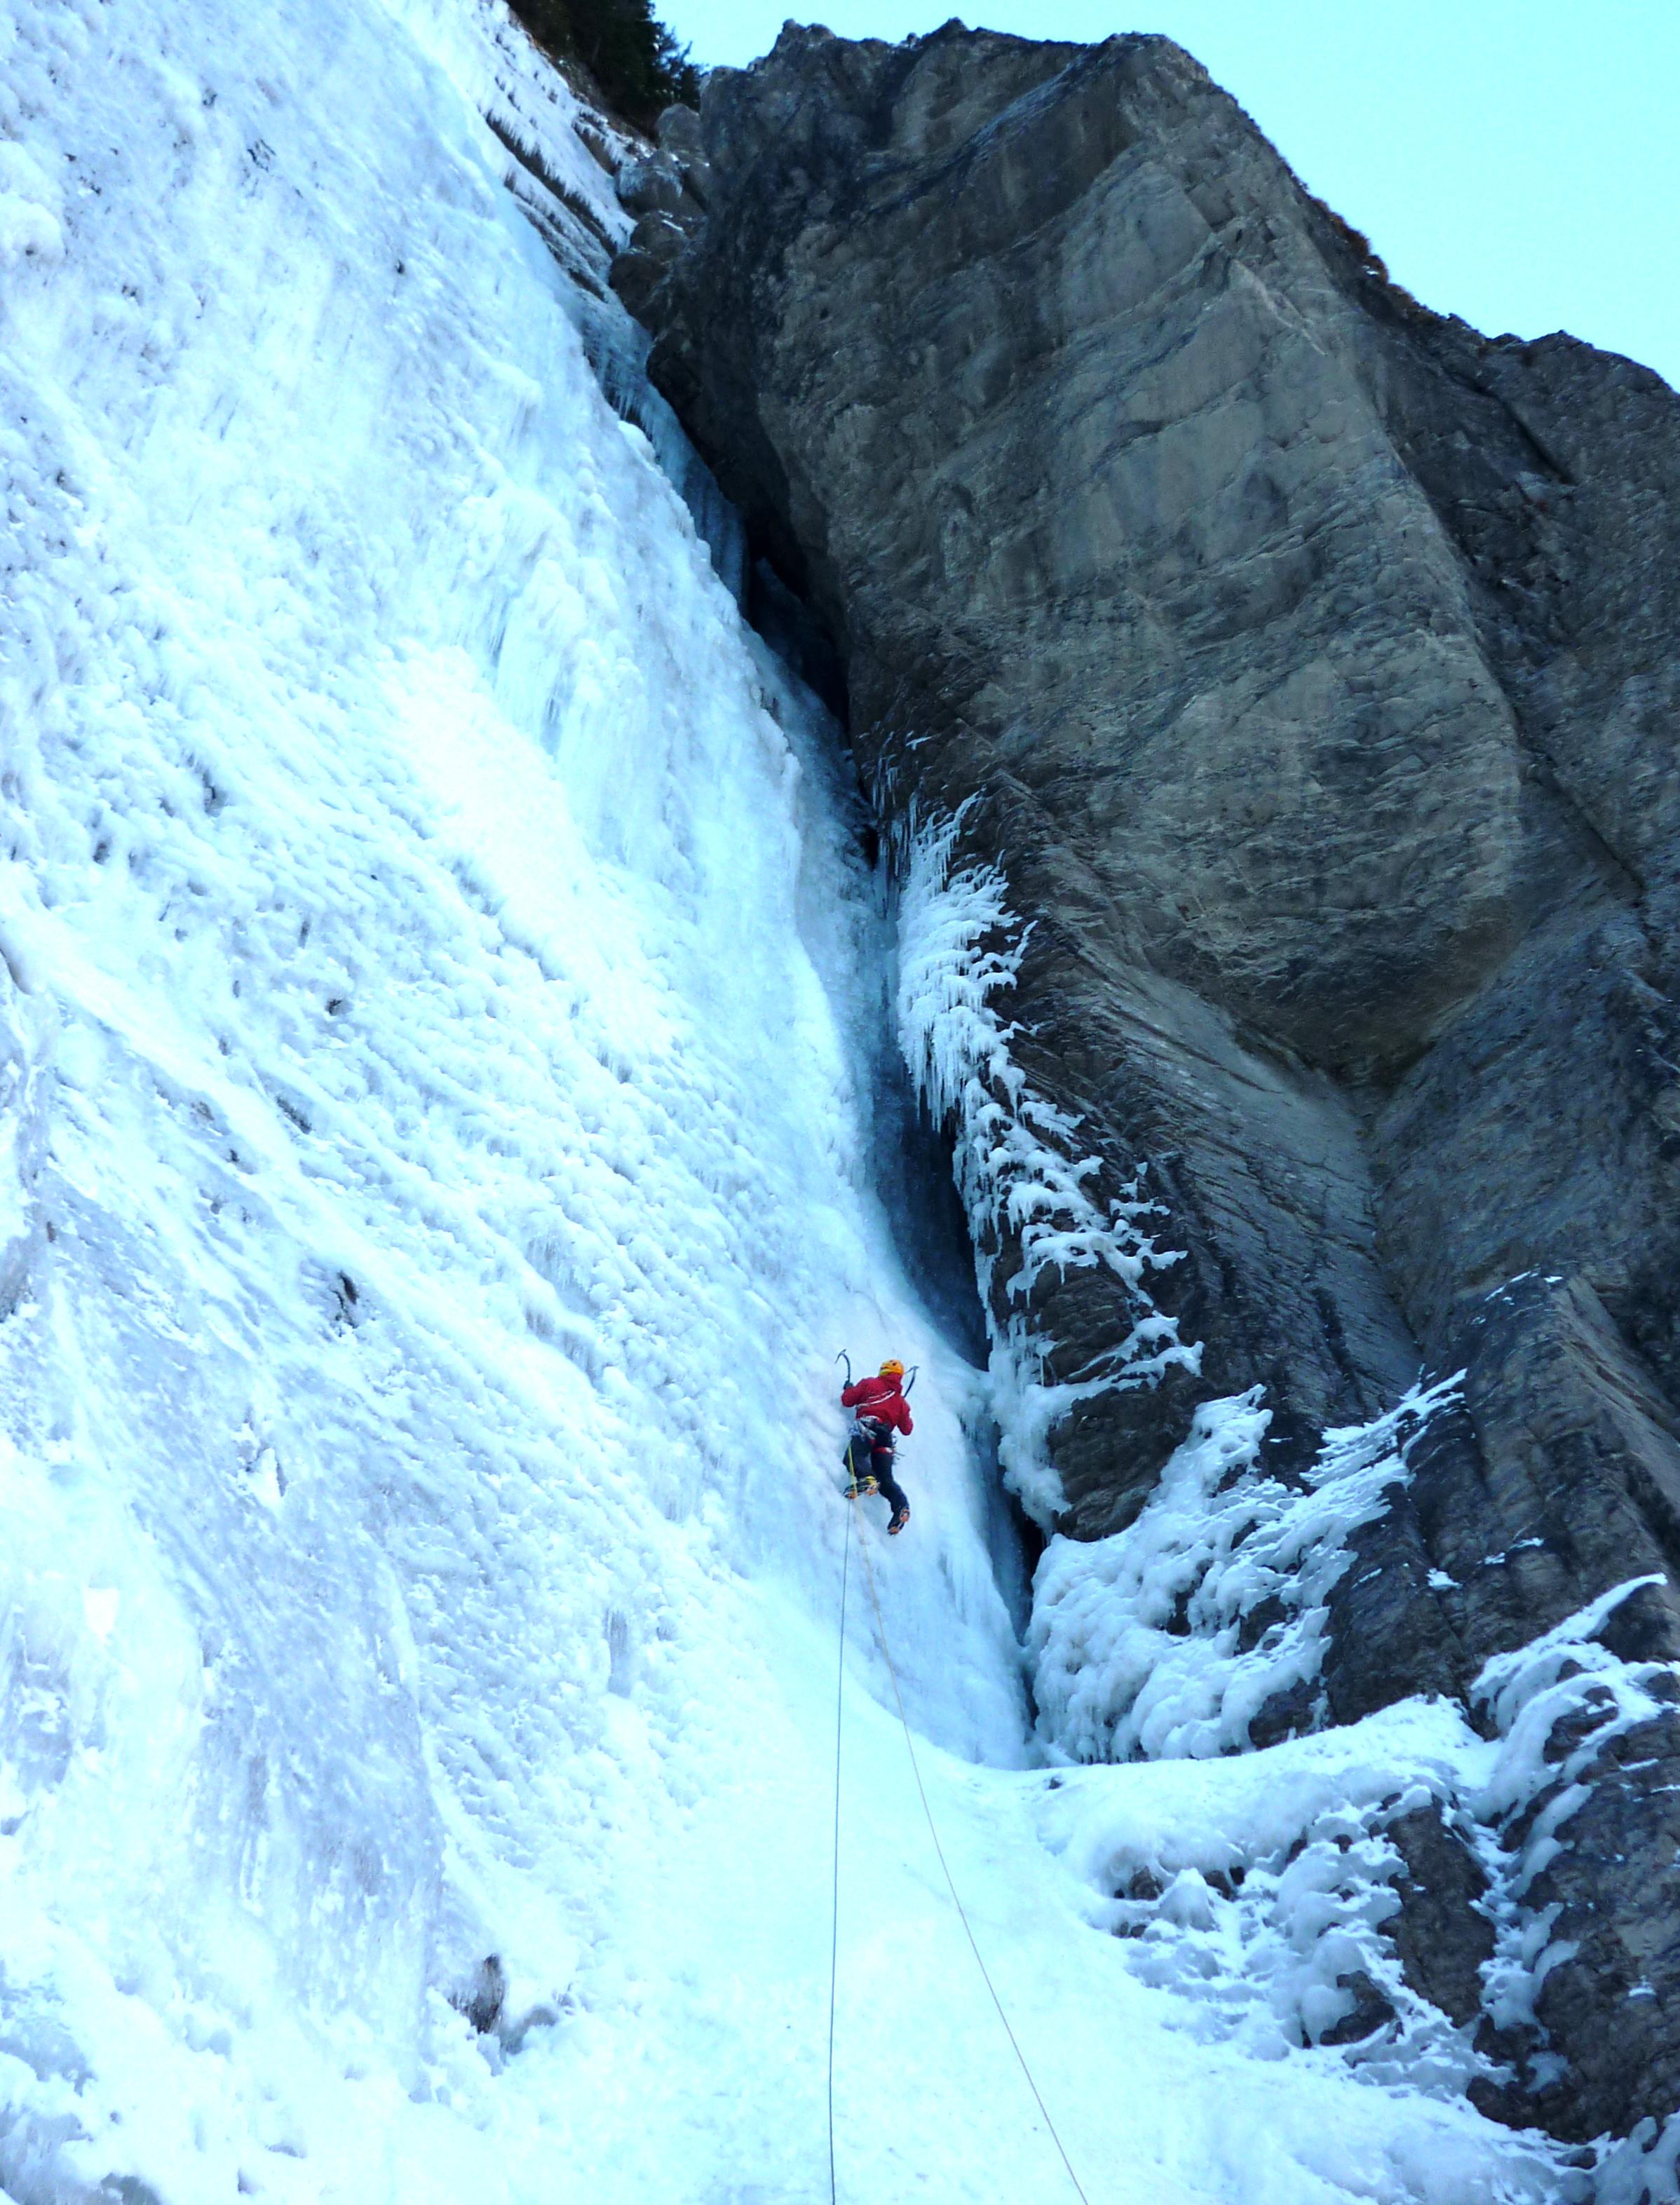 Matthias Scherer on Cascade Du Dard January 2011, Sixt, France picture Tanja Schmitt